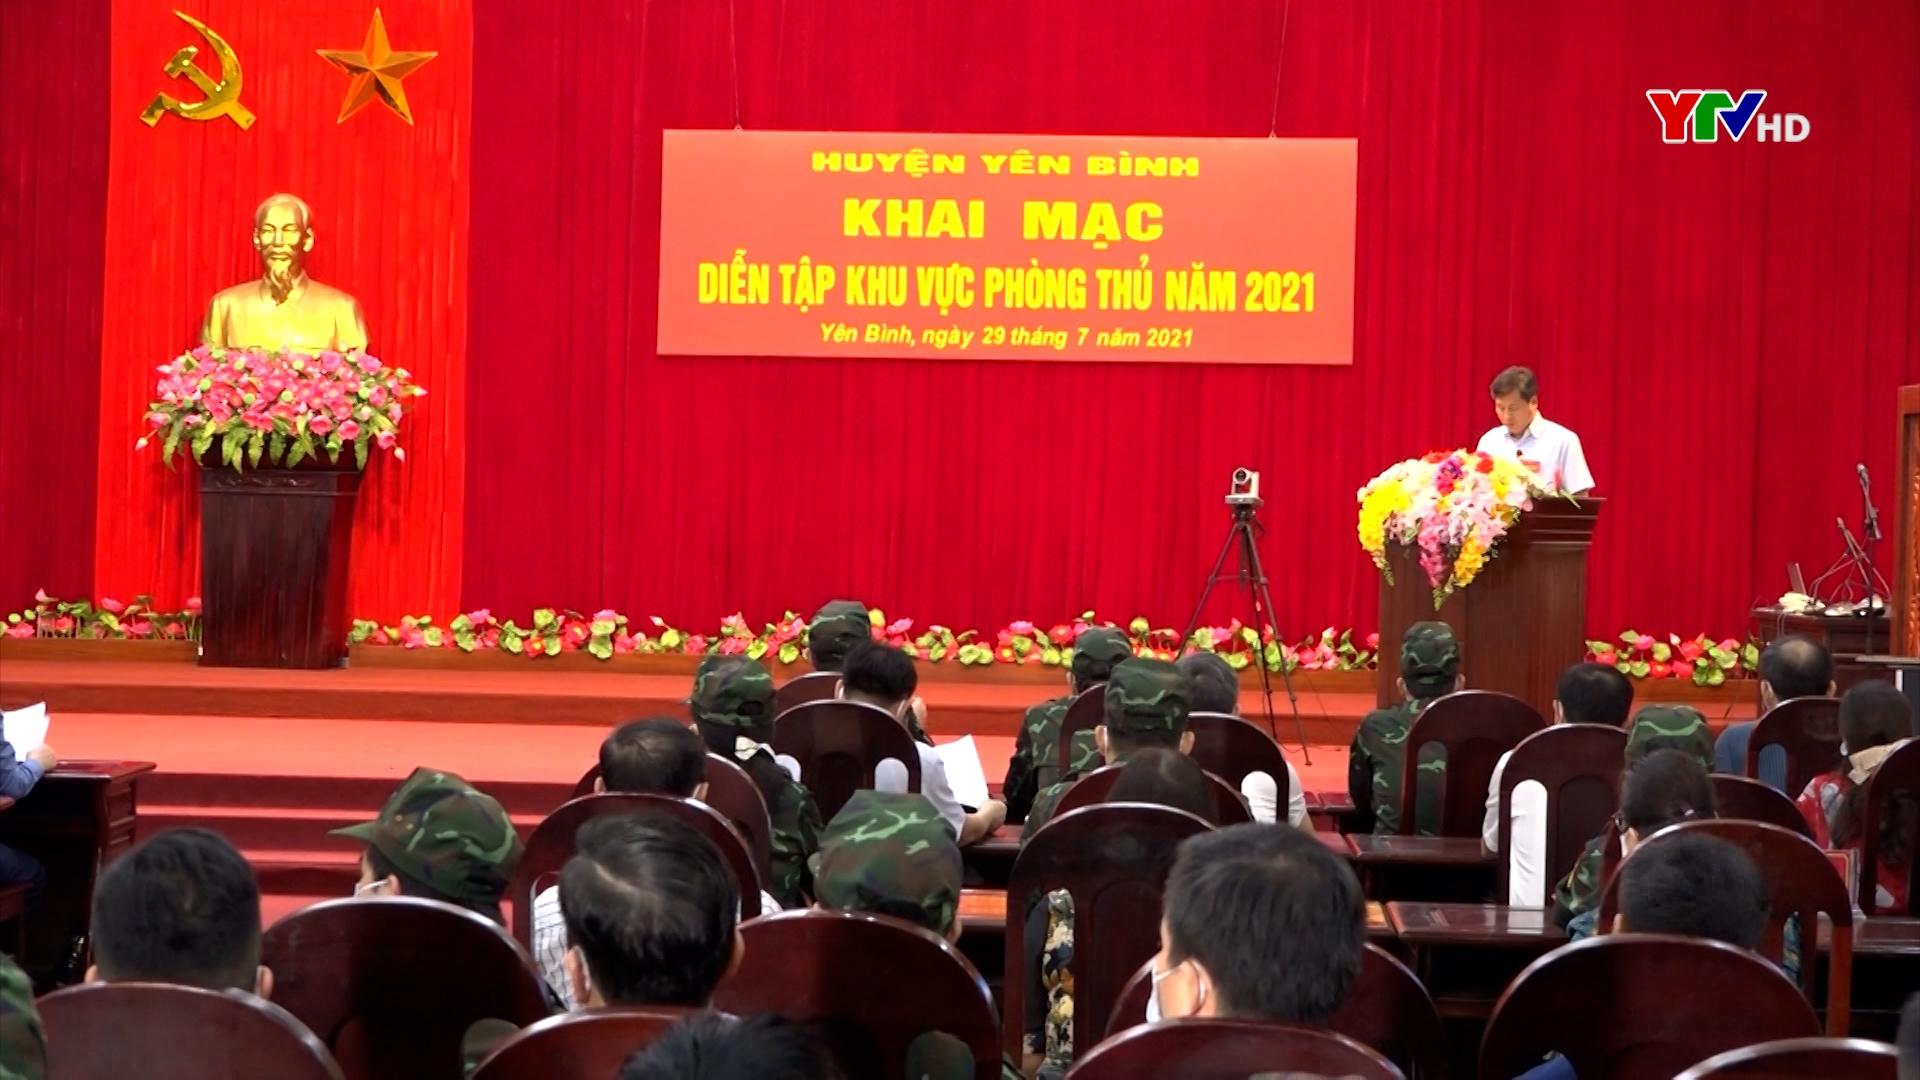 Khai mạc diễn tập khu vực phòng thủ huyện Yên Bình năm 2021